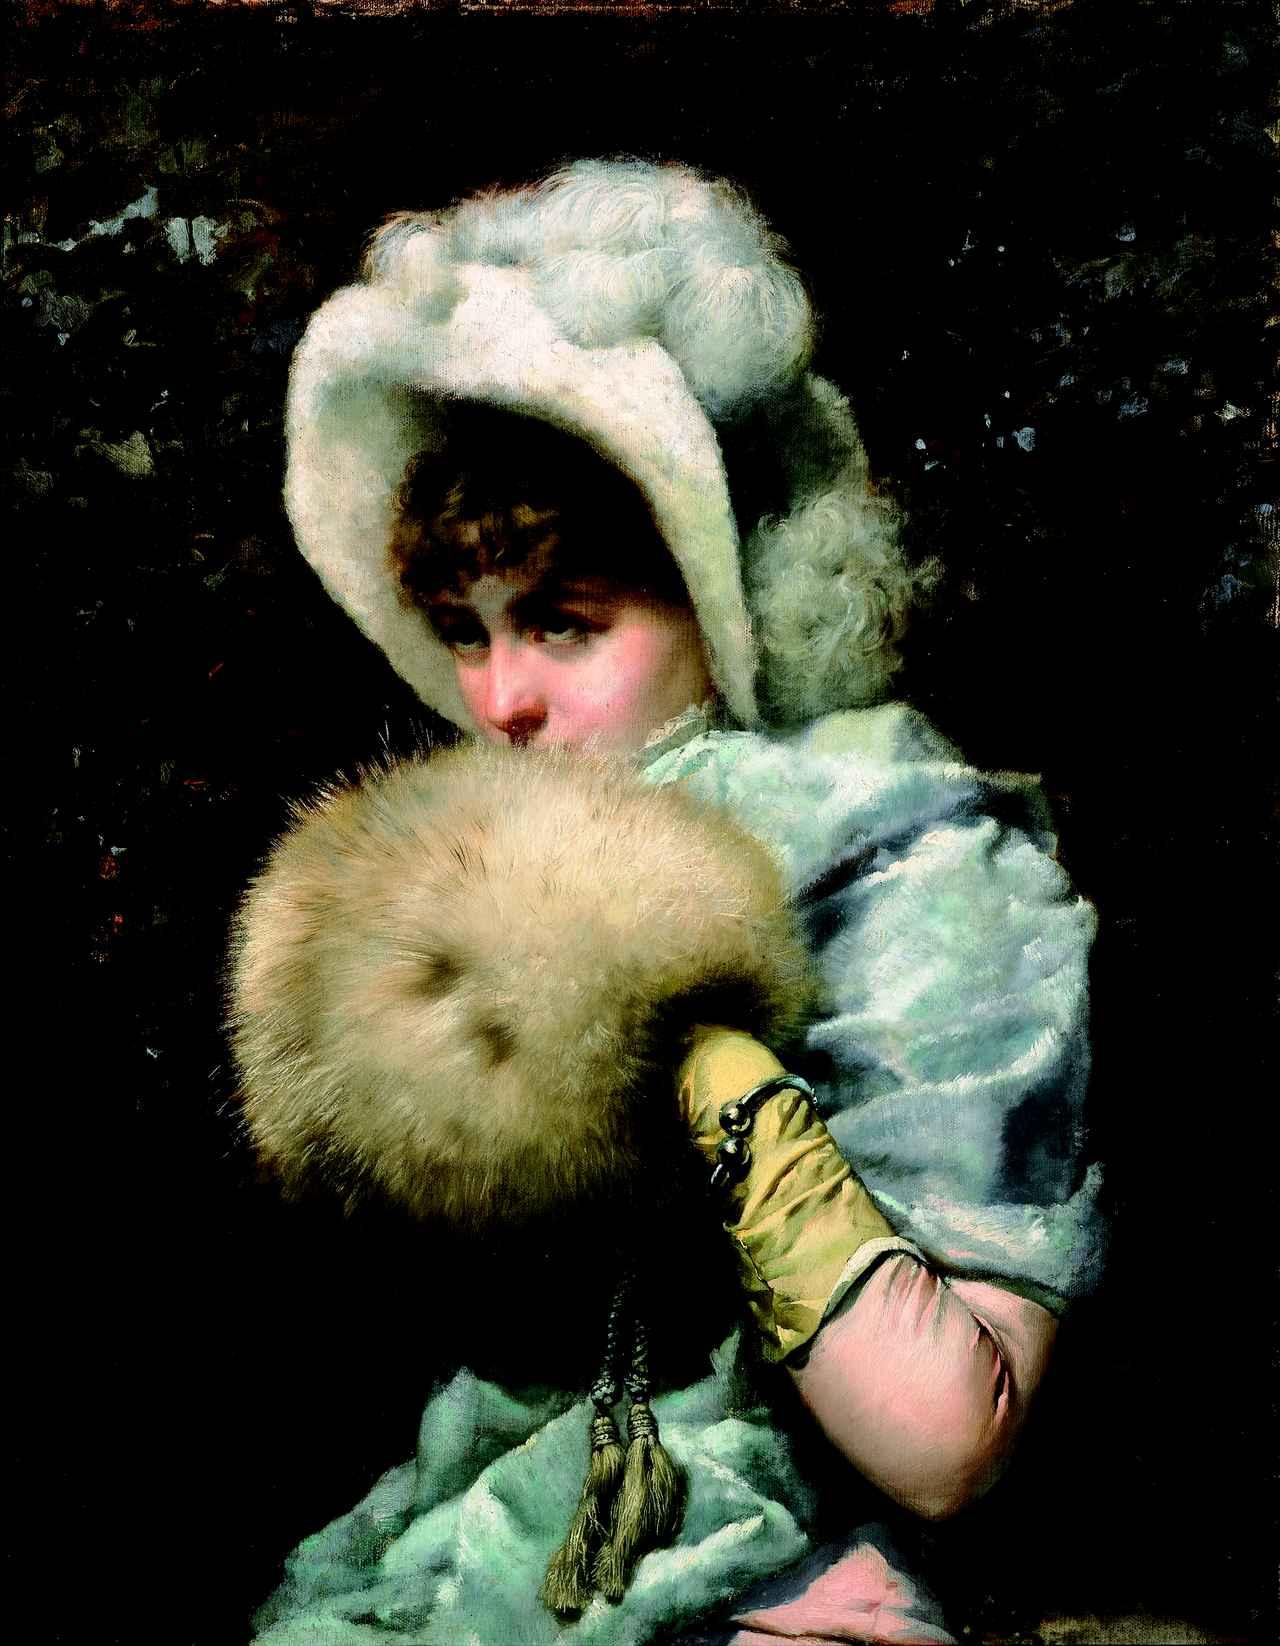 画像: フランセスク・マスリエラ《1882 年の冬》 1882年 油彩・カンヴァス カタルーニャ美術館 © Museu Nacional d'Art de Catalunya, Barcelona (2019)